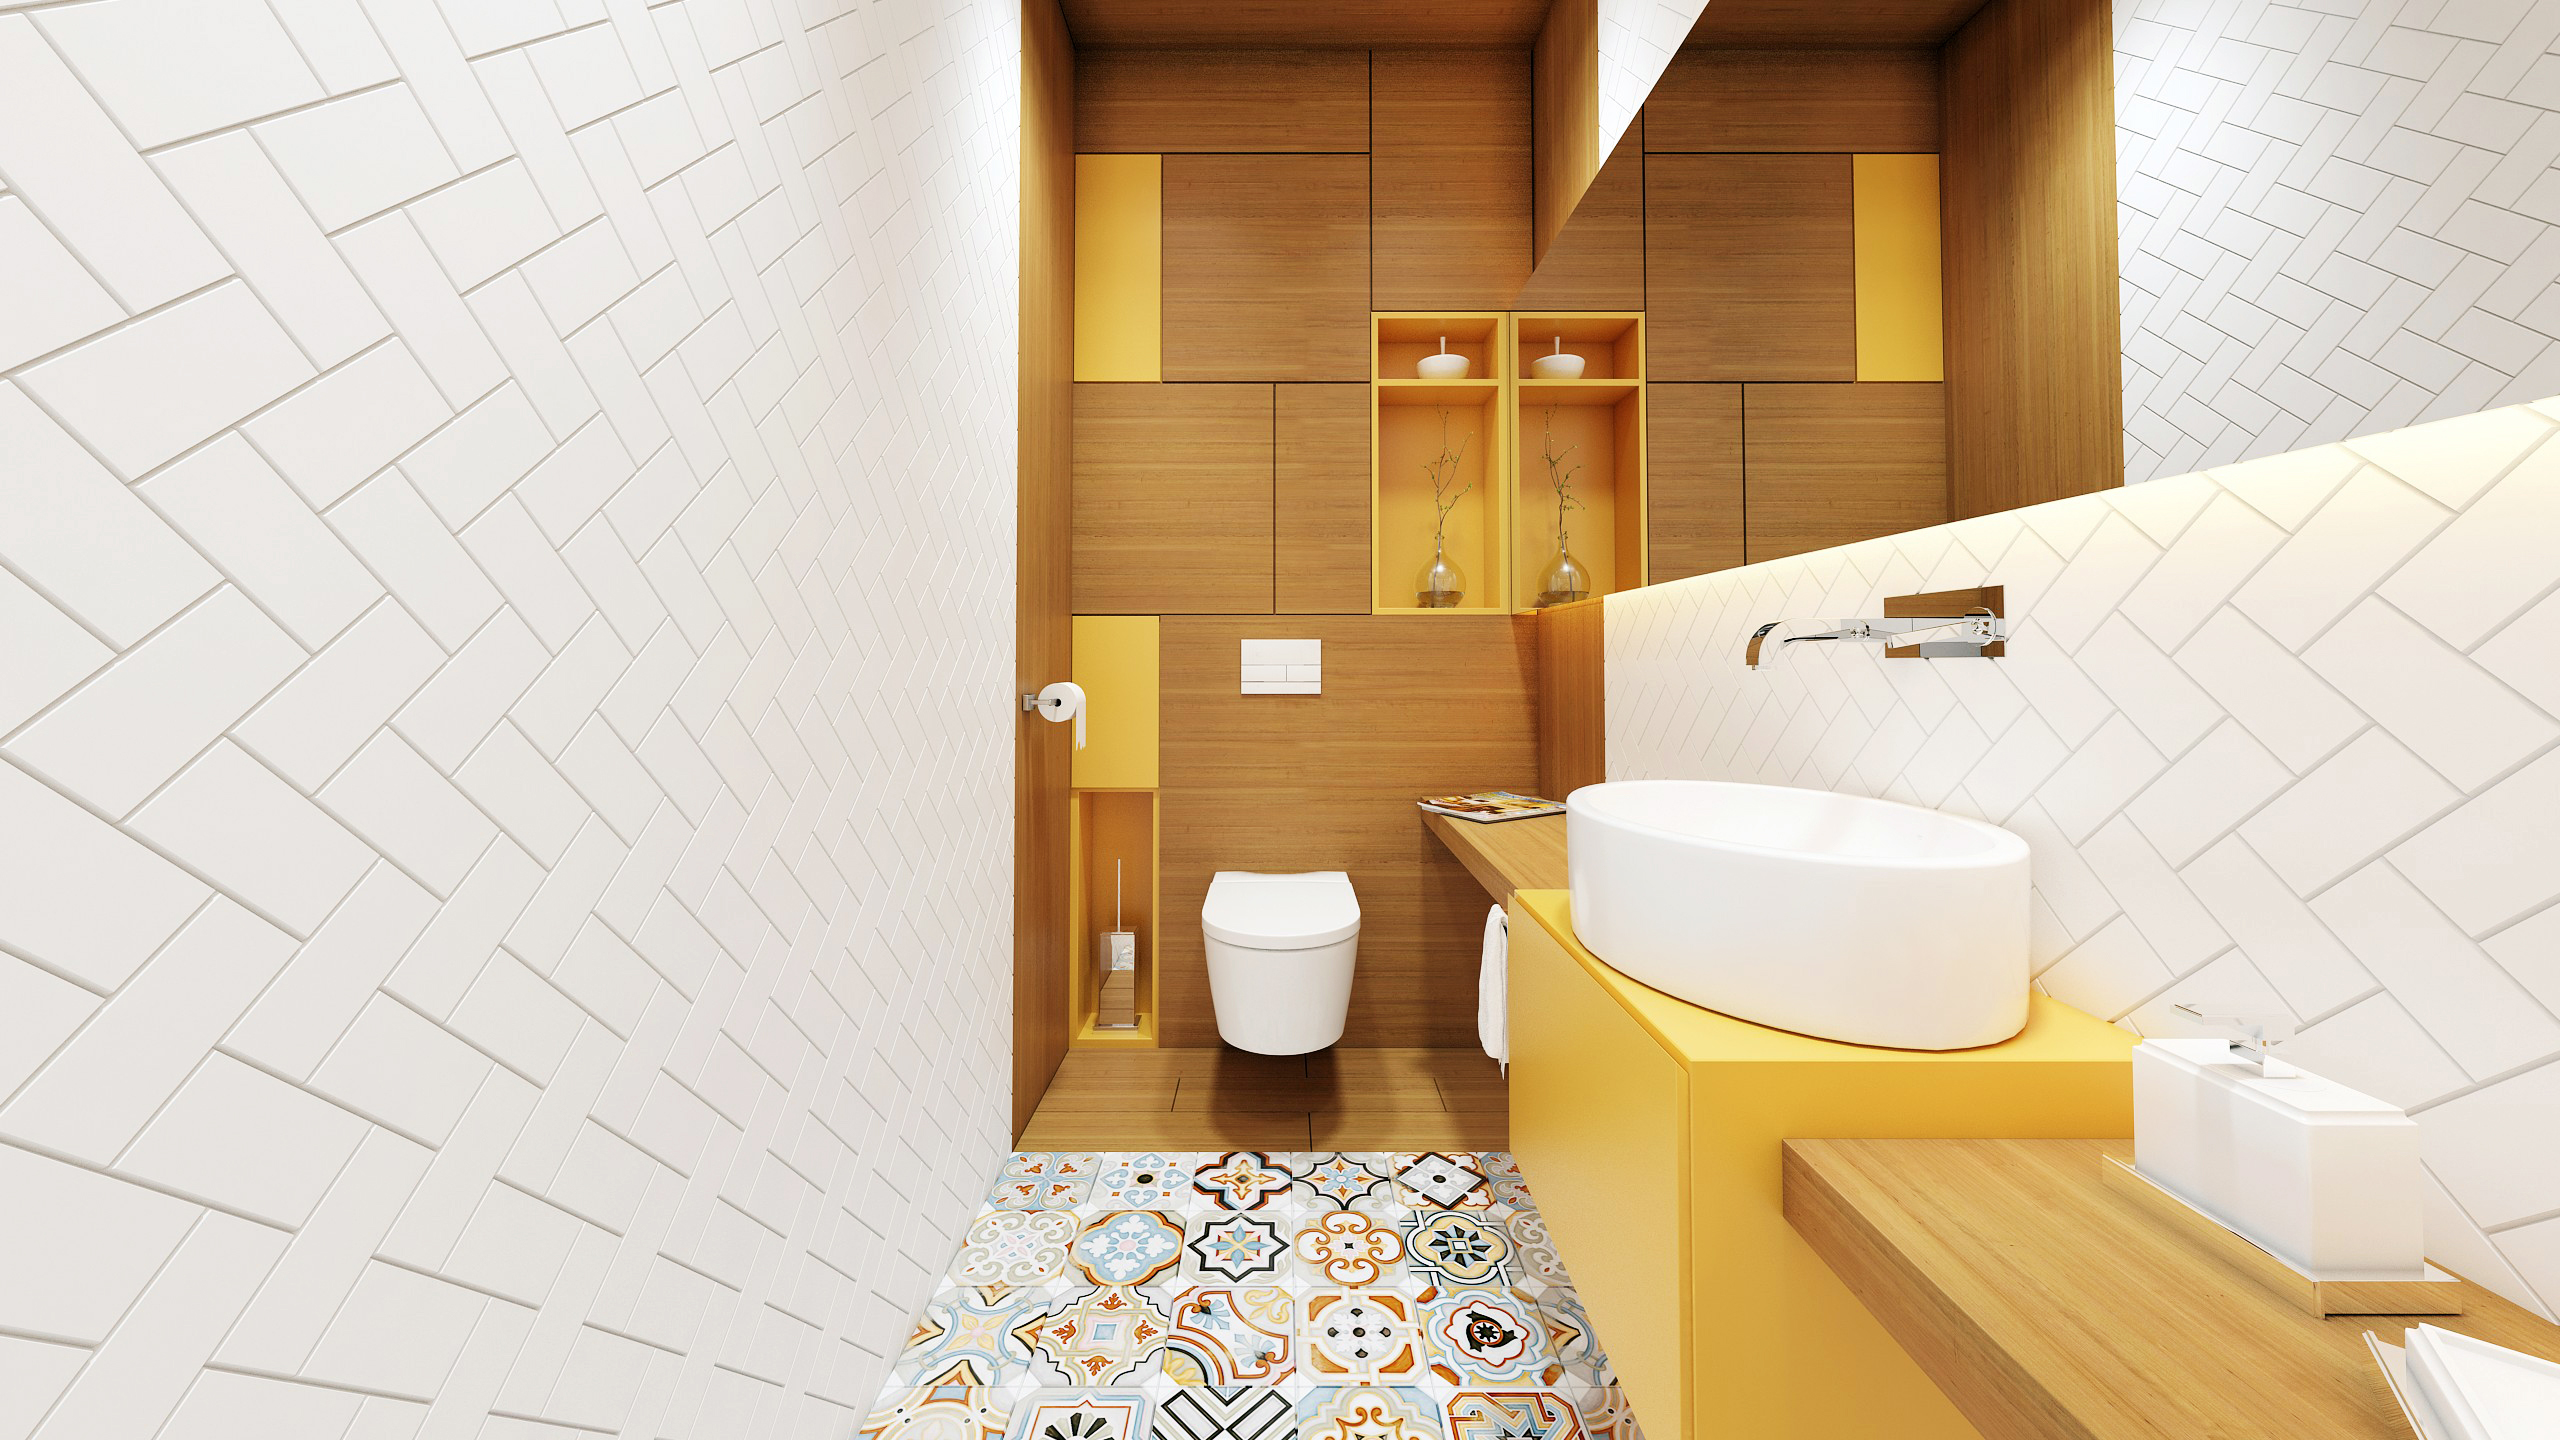 Kolor W łazience żółty Vs Szary Kolorowa Podłoga Typu